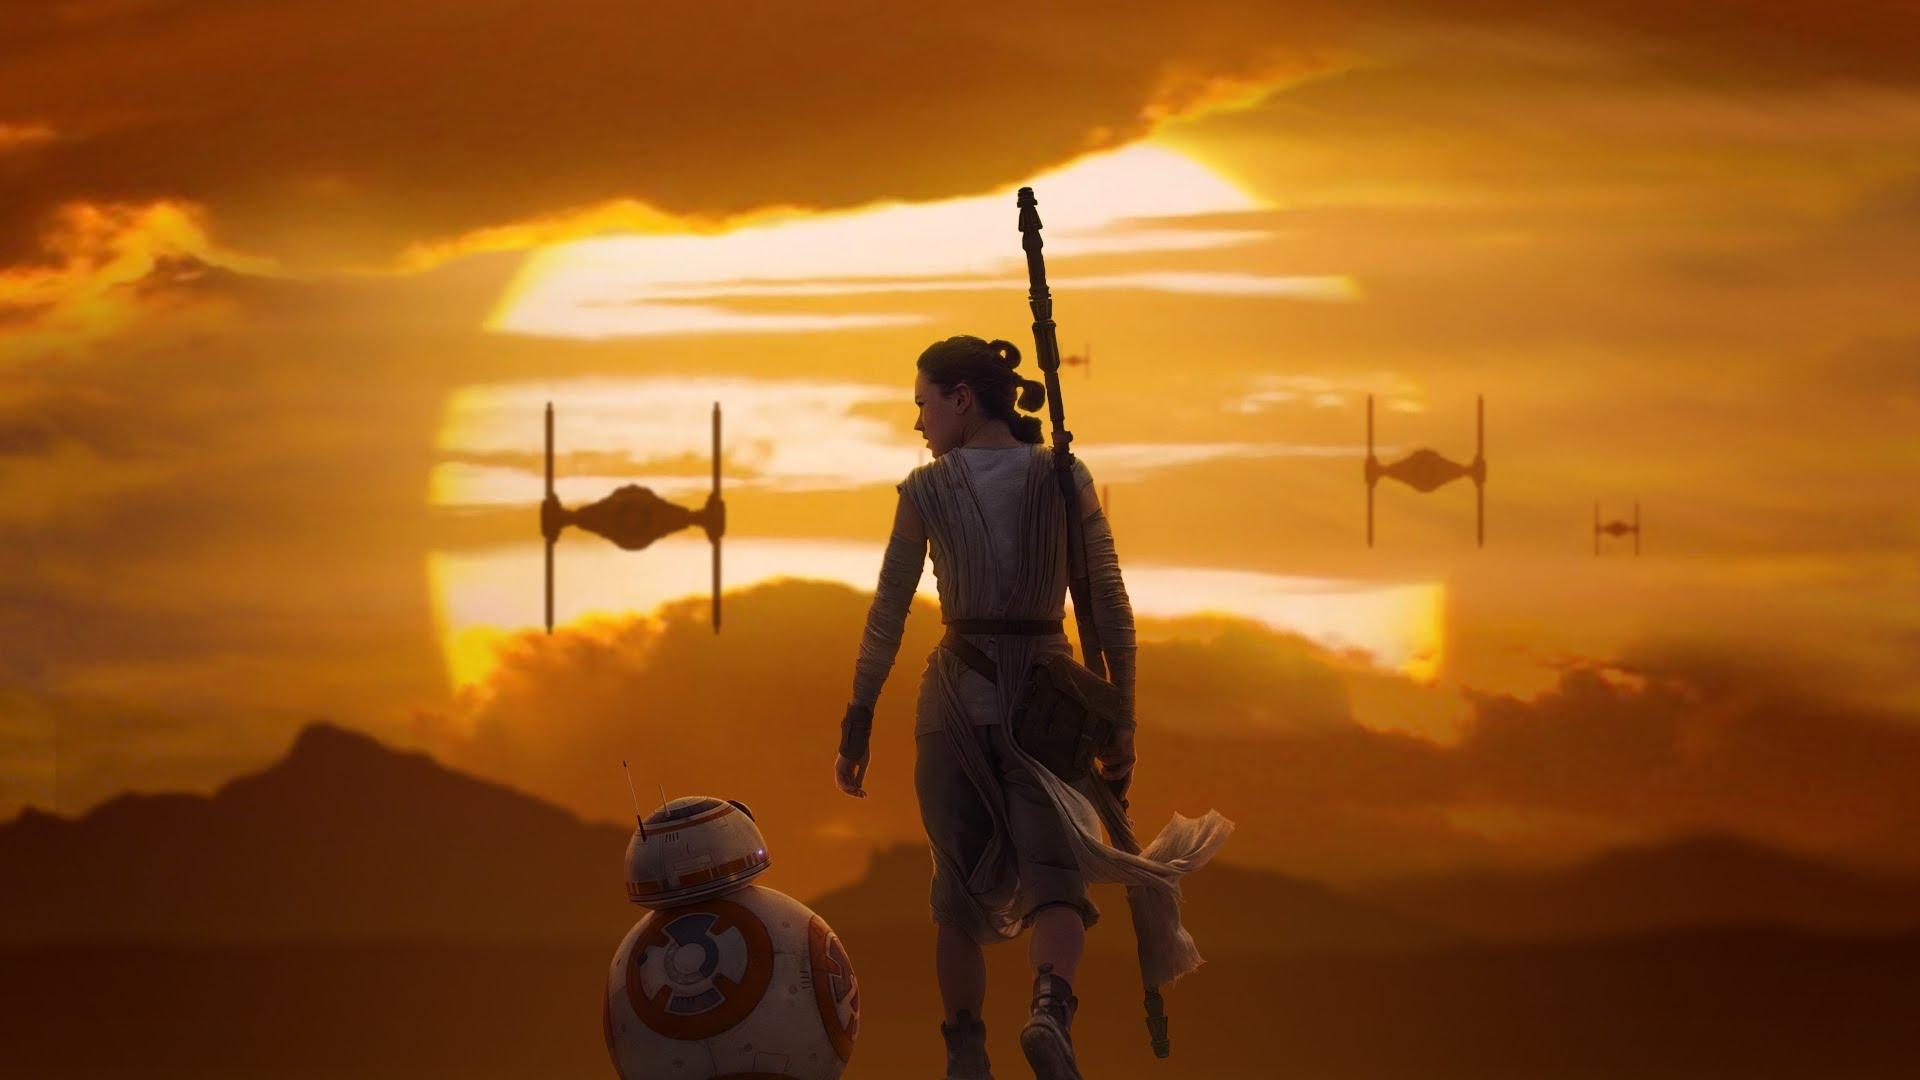 Звёздные войны: Пробуждение Силы (Star Wars: The Force Awakens) 2015